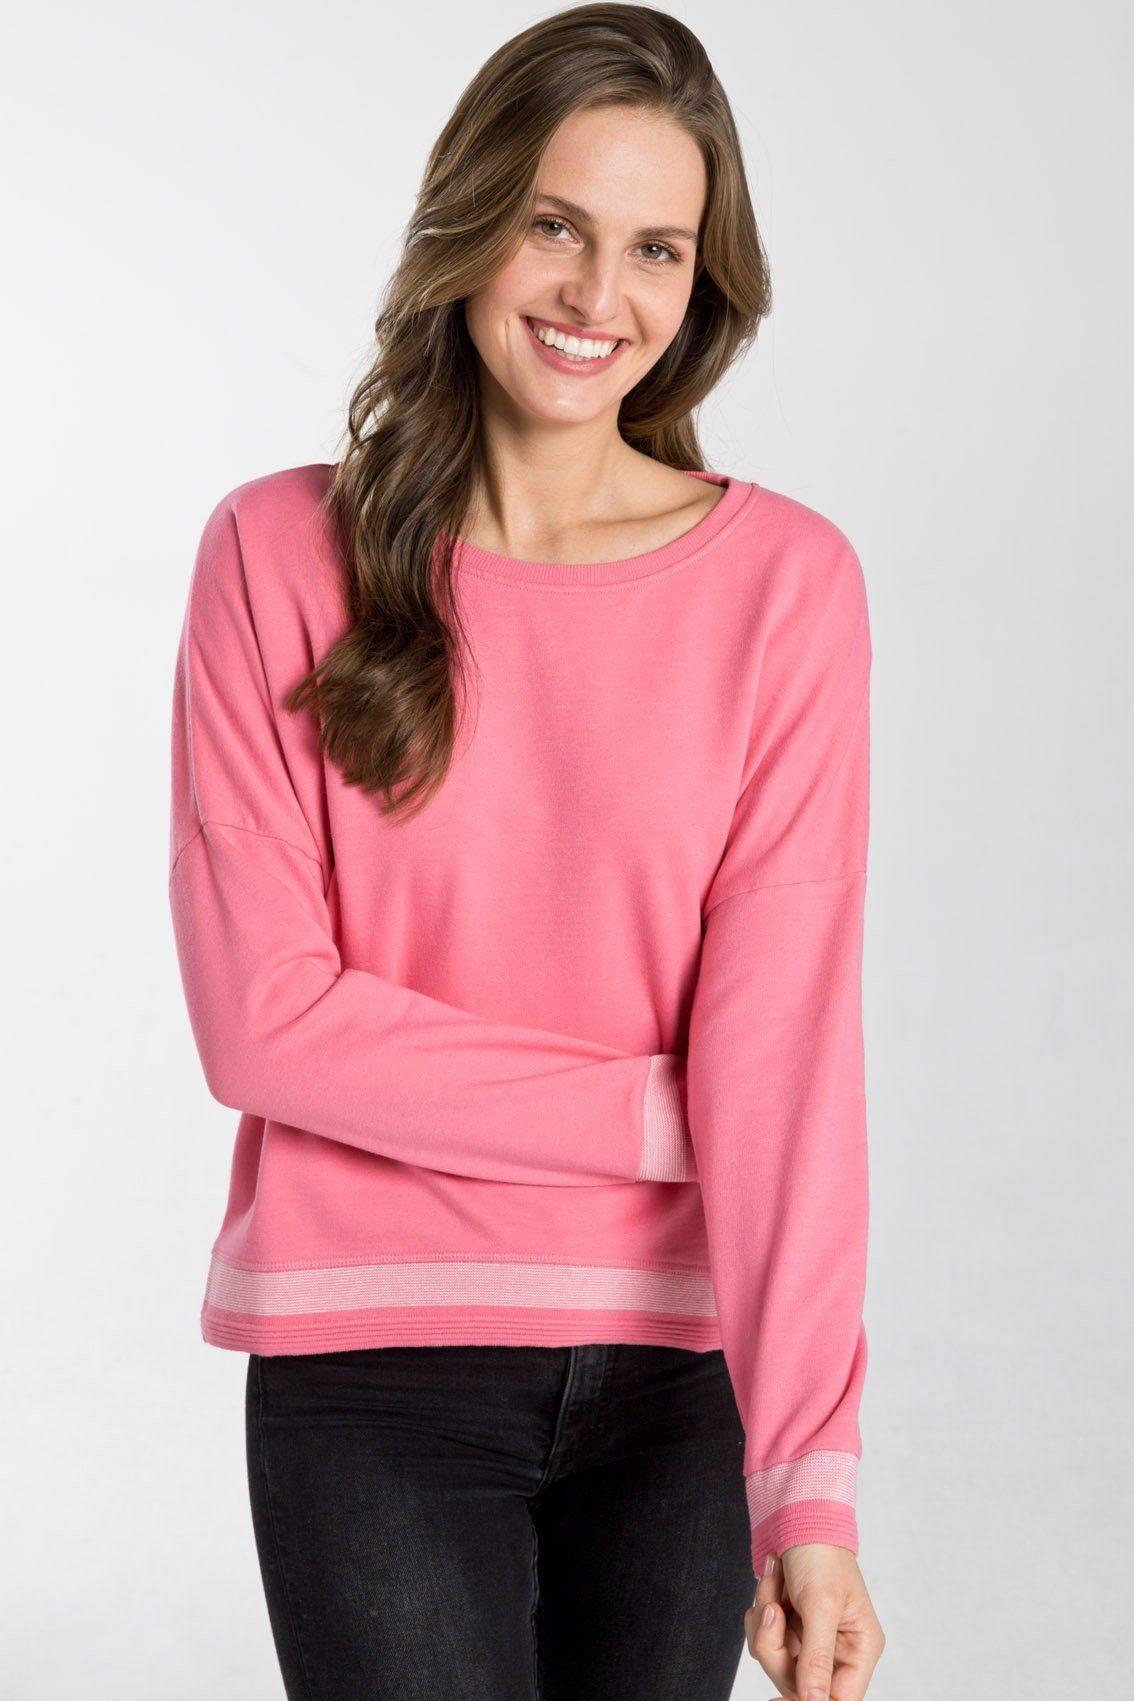 shirts for life -  Pullover mit Streifen am Saum